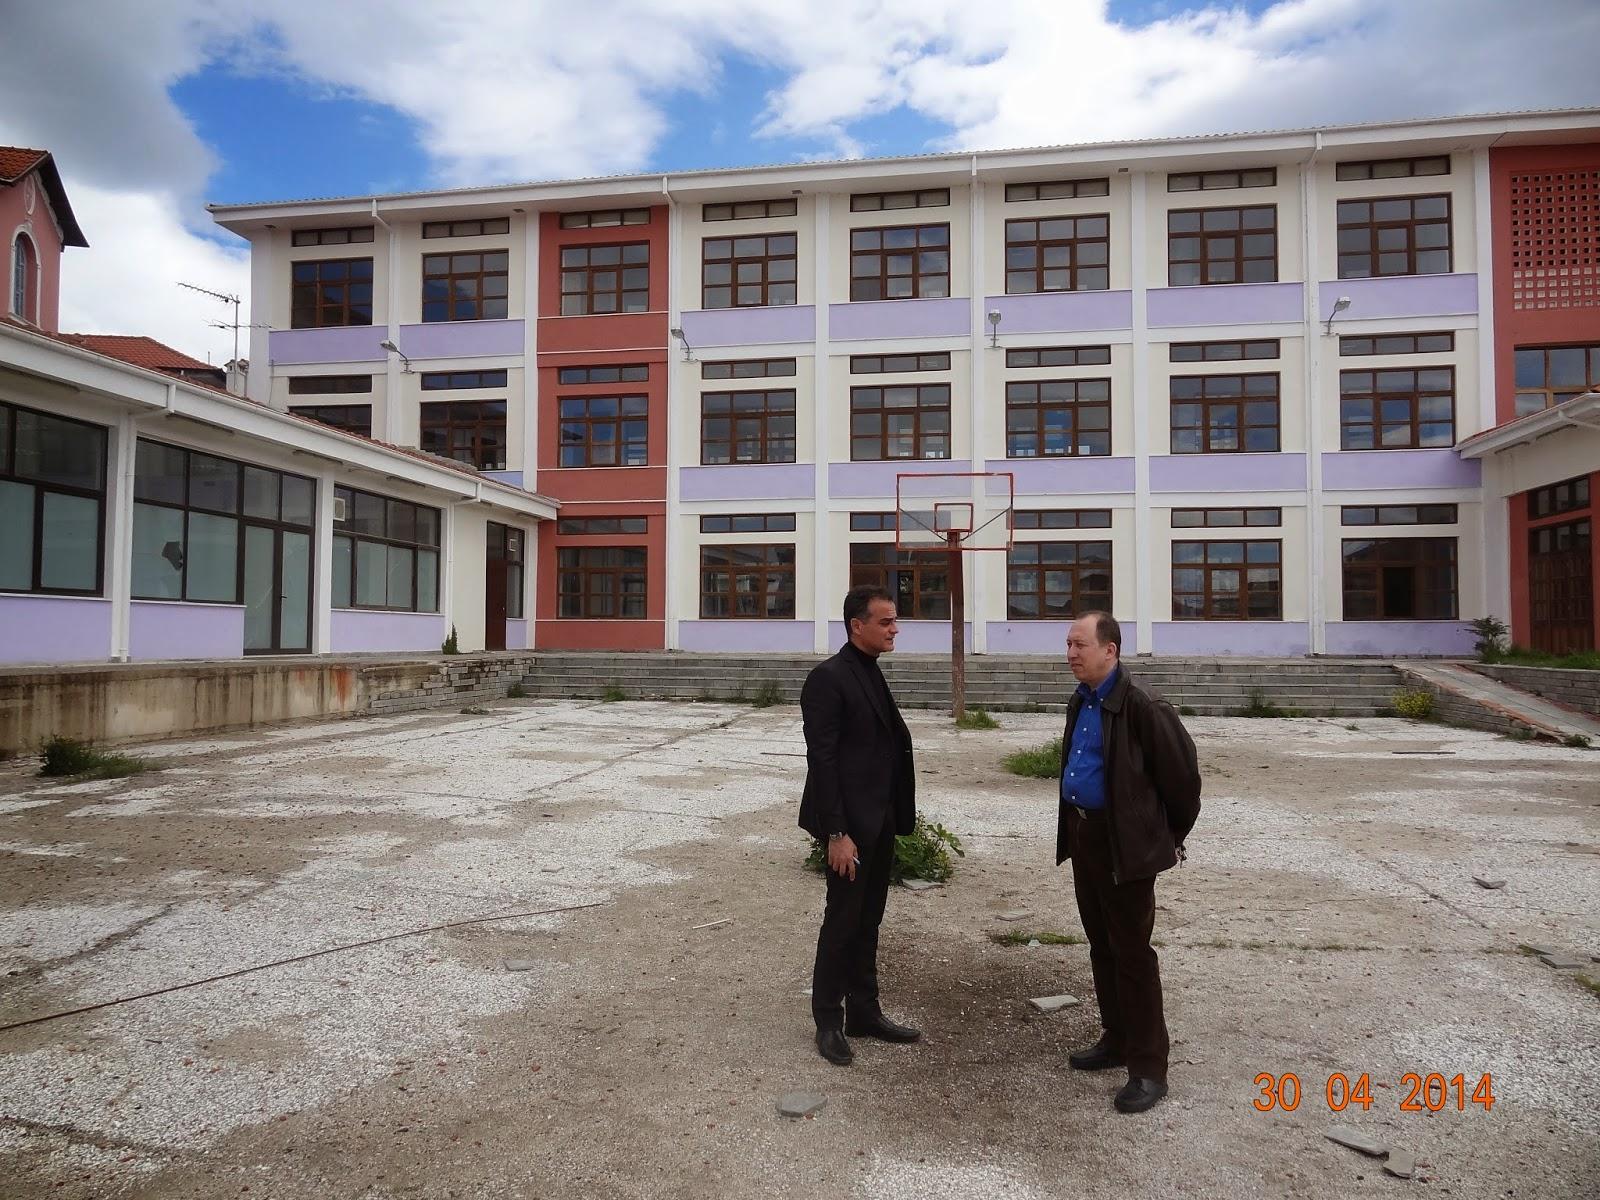 Καρυπίδης-Αδαμόπουλος στο εγκαταλελειμμένο κτήριο της Πανεπιστημιακής Σχολής Καστοριάς.